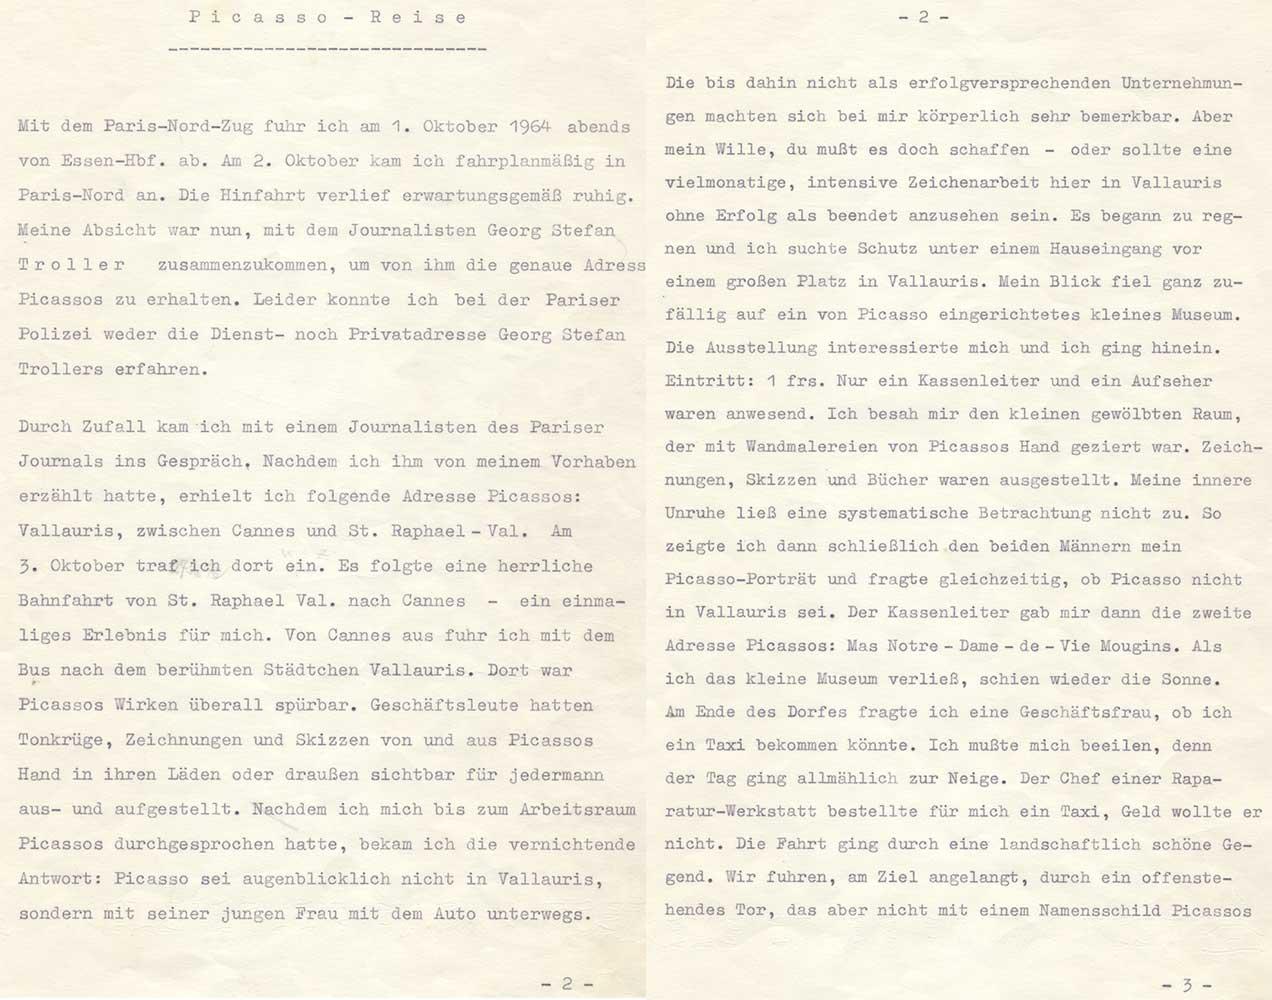 Aufzeichnungen von August Kunst über die Reise zu Pablo Picasso - Teil I